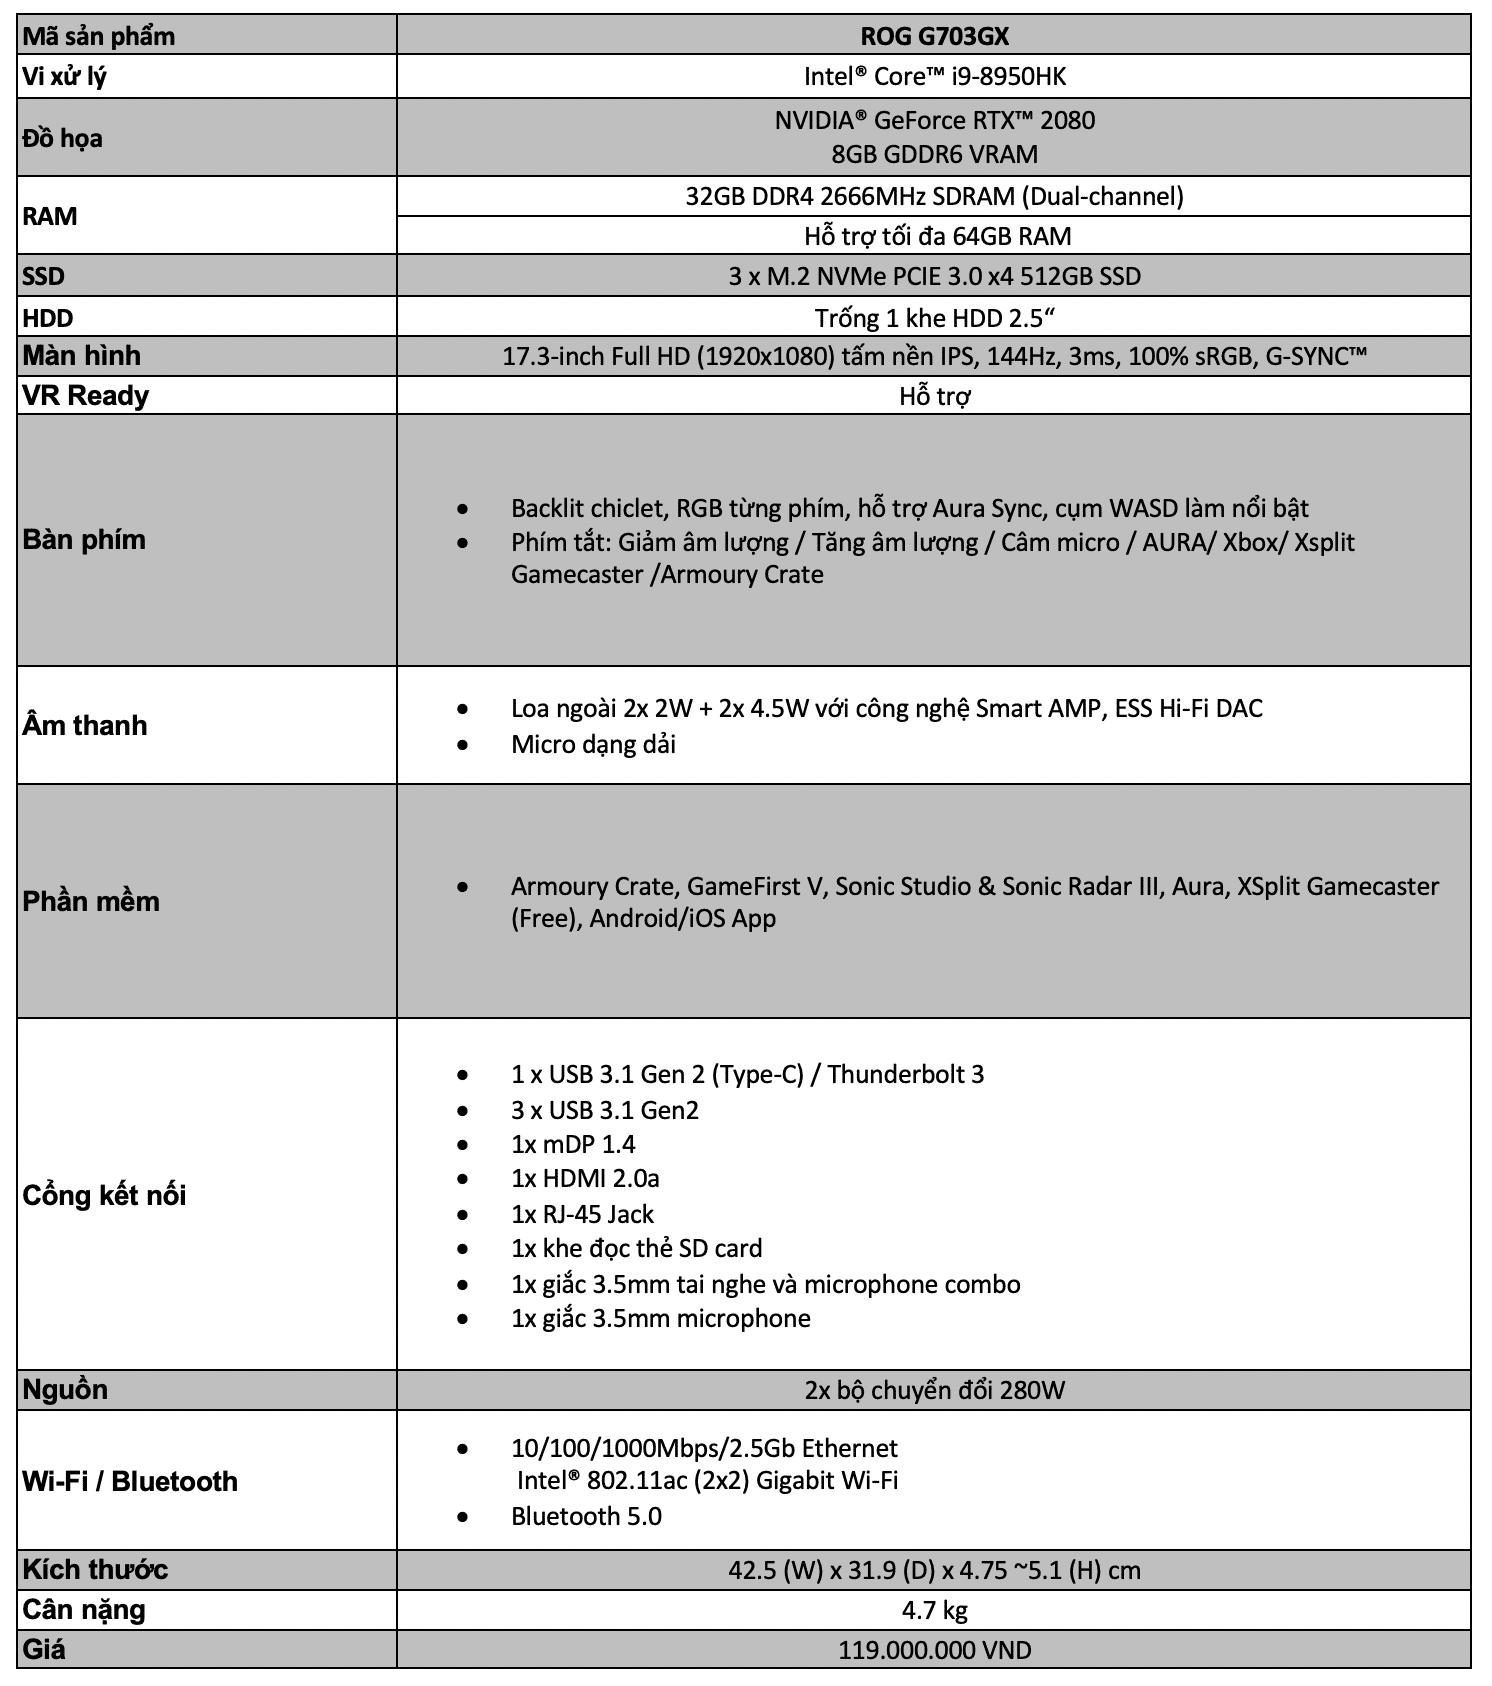 Cận cảnh ROG G703GX: CPU core i9, GPU RTX 2080, giá 120 triệu đồng